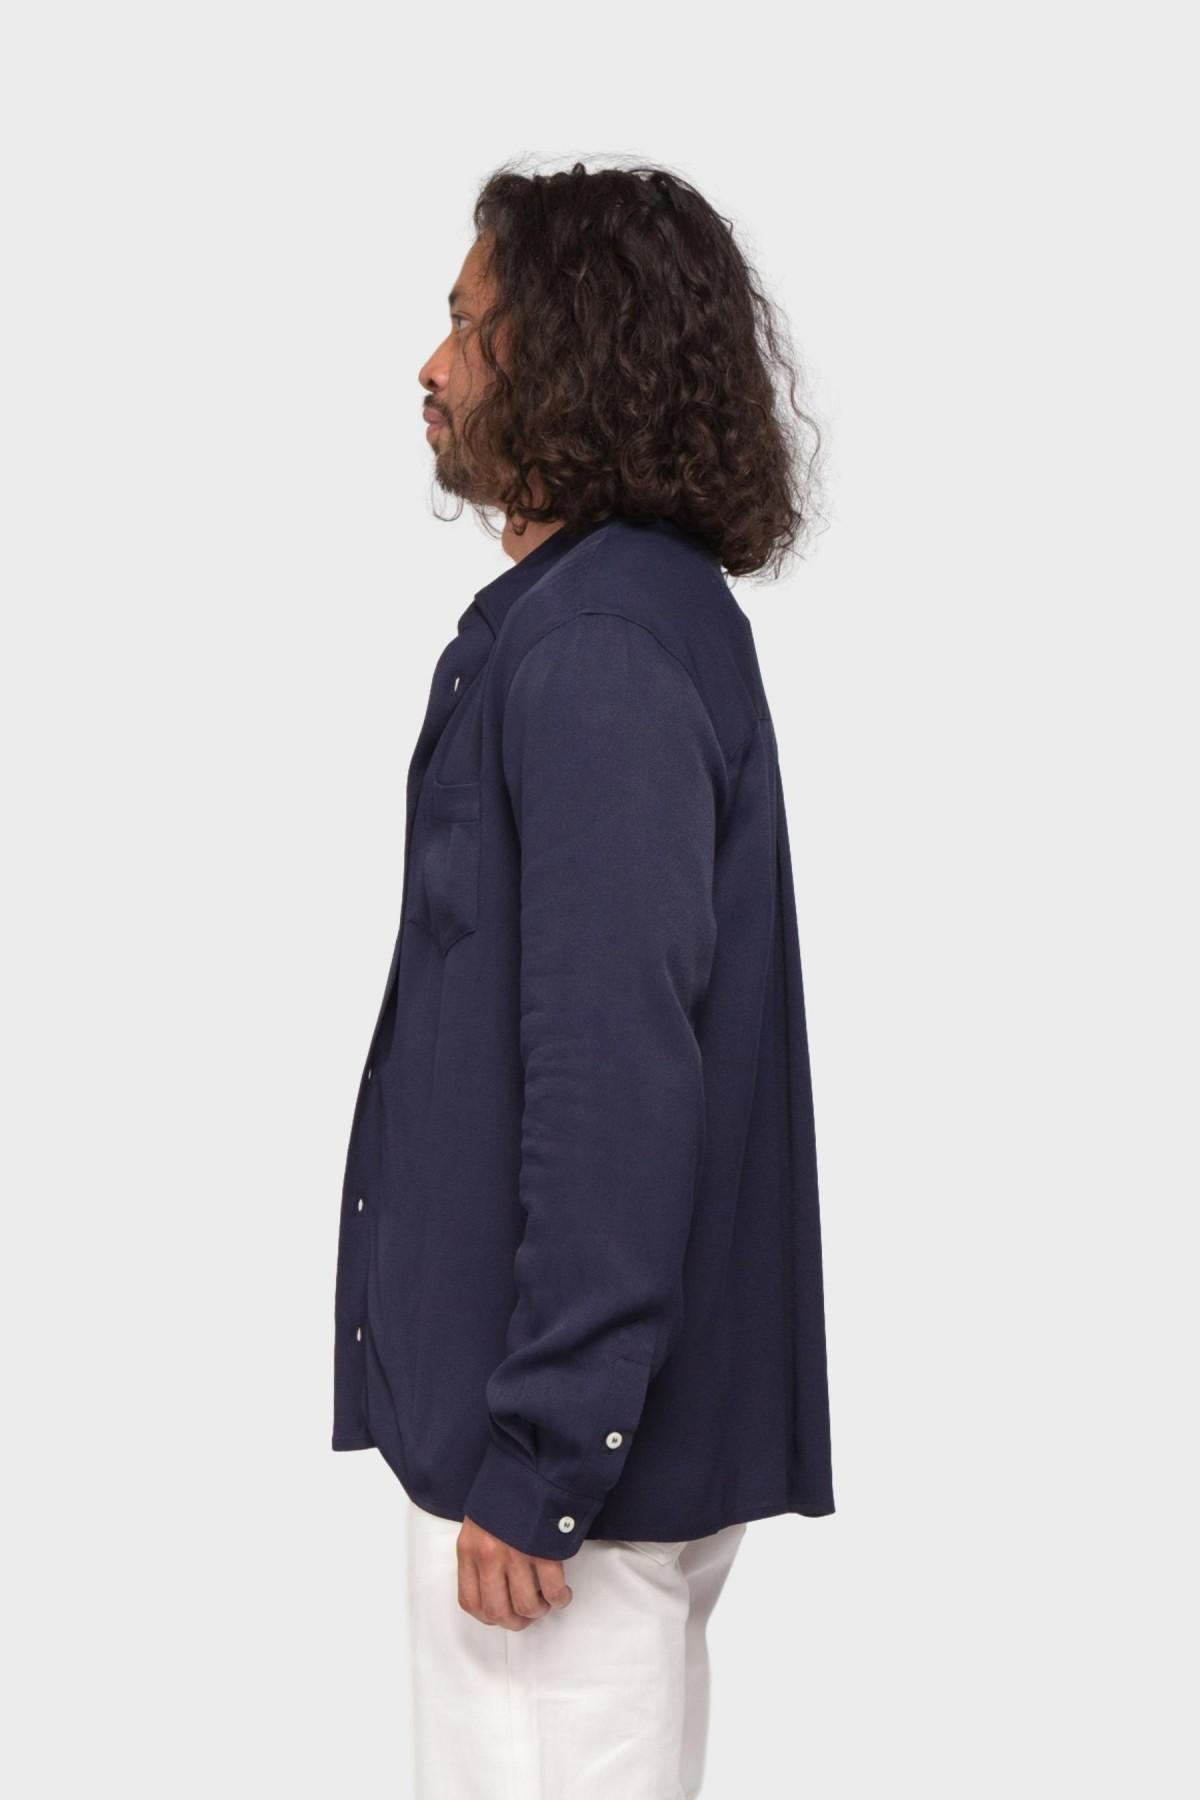 Séfr Hampus Shirt  in Navy